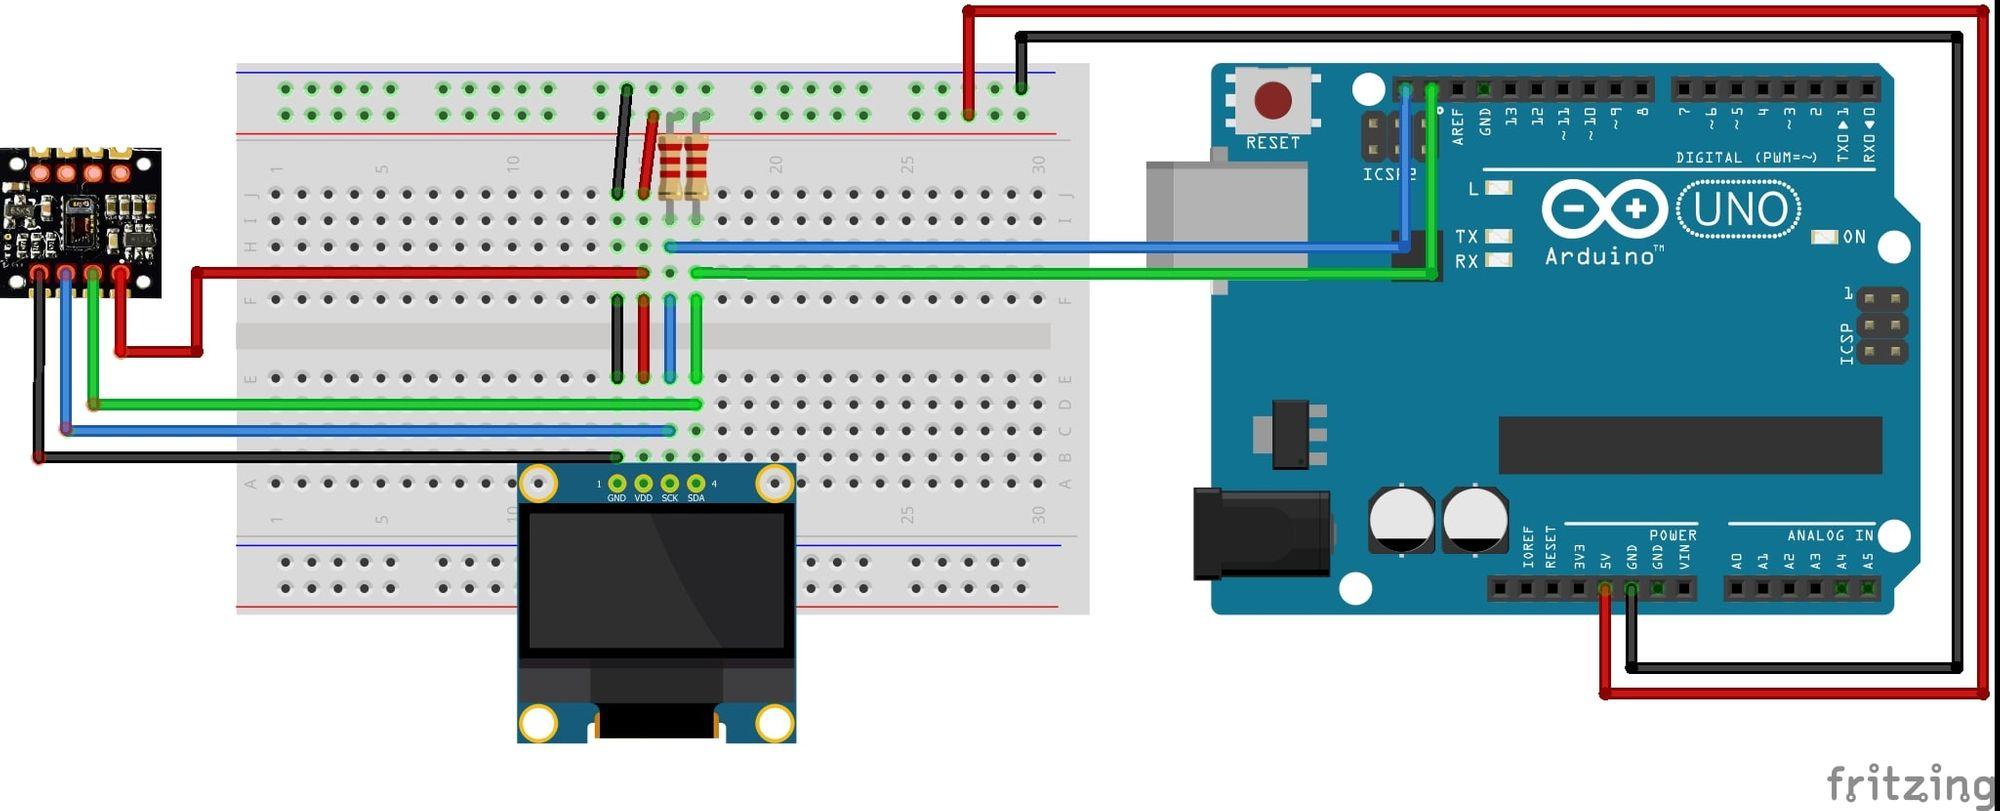 Arduino pulse plethysmograph wiring diagram